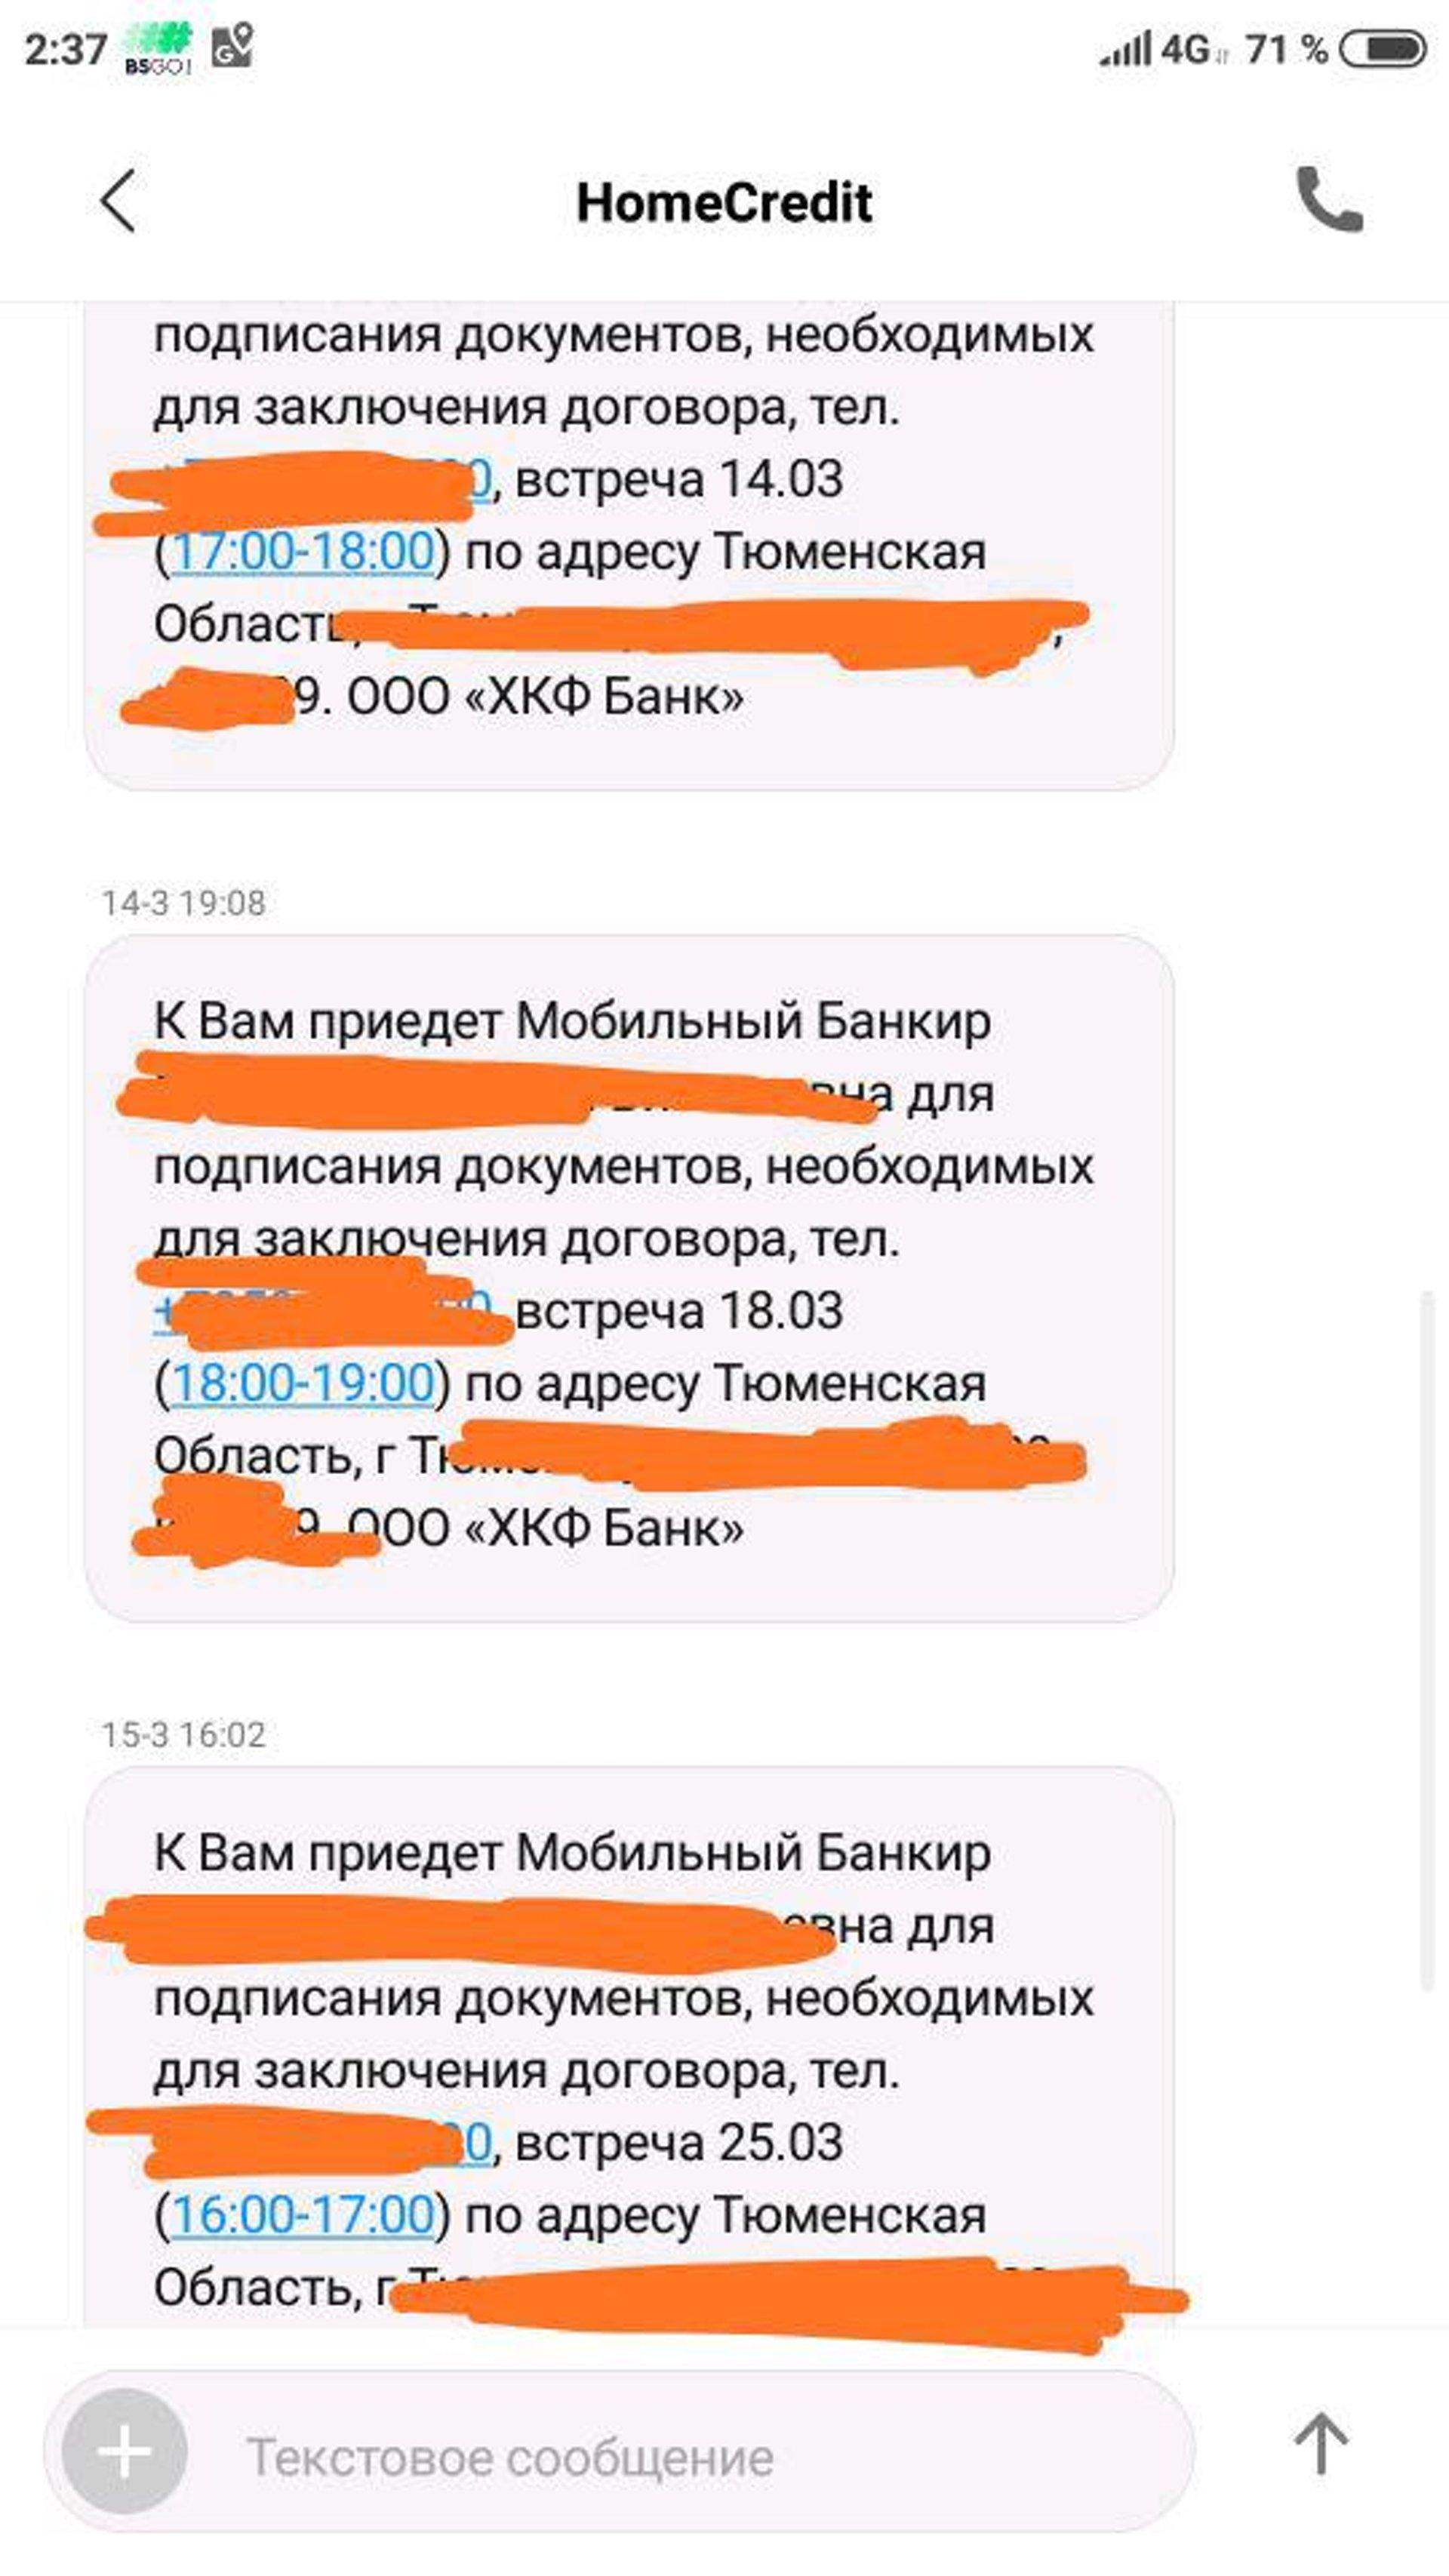 альфа банк кредит карта рассрочки